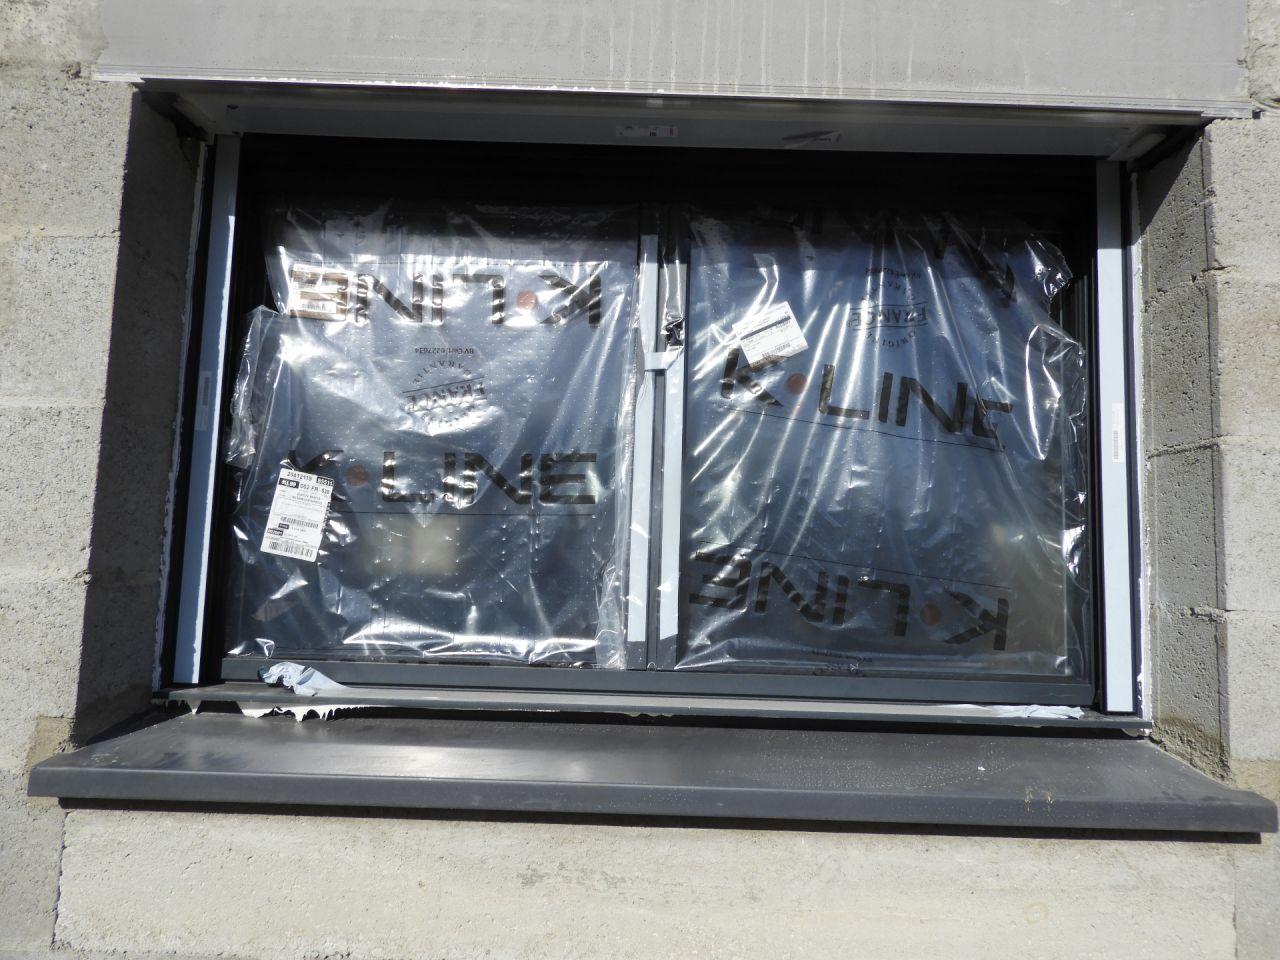 Rayure sur la fenêtre de la chambre 1 en bas à droite. Il y a aussi une rayure sur l?appui juste en dessous. Vous remarquerez le montage très propre de la fenêtre au passage ?.